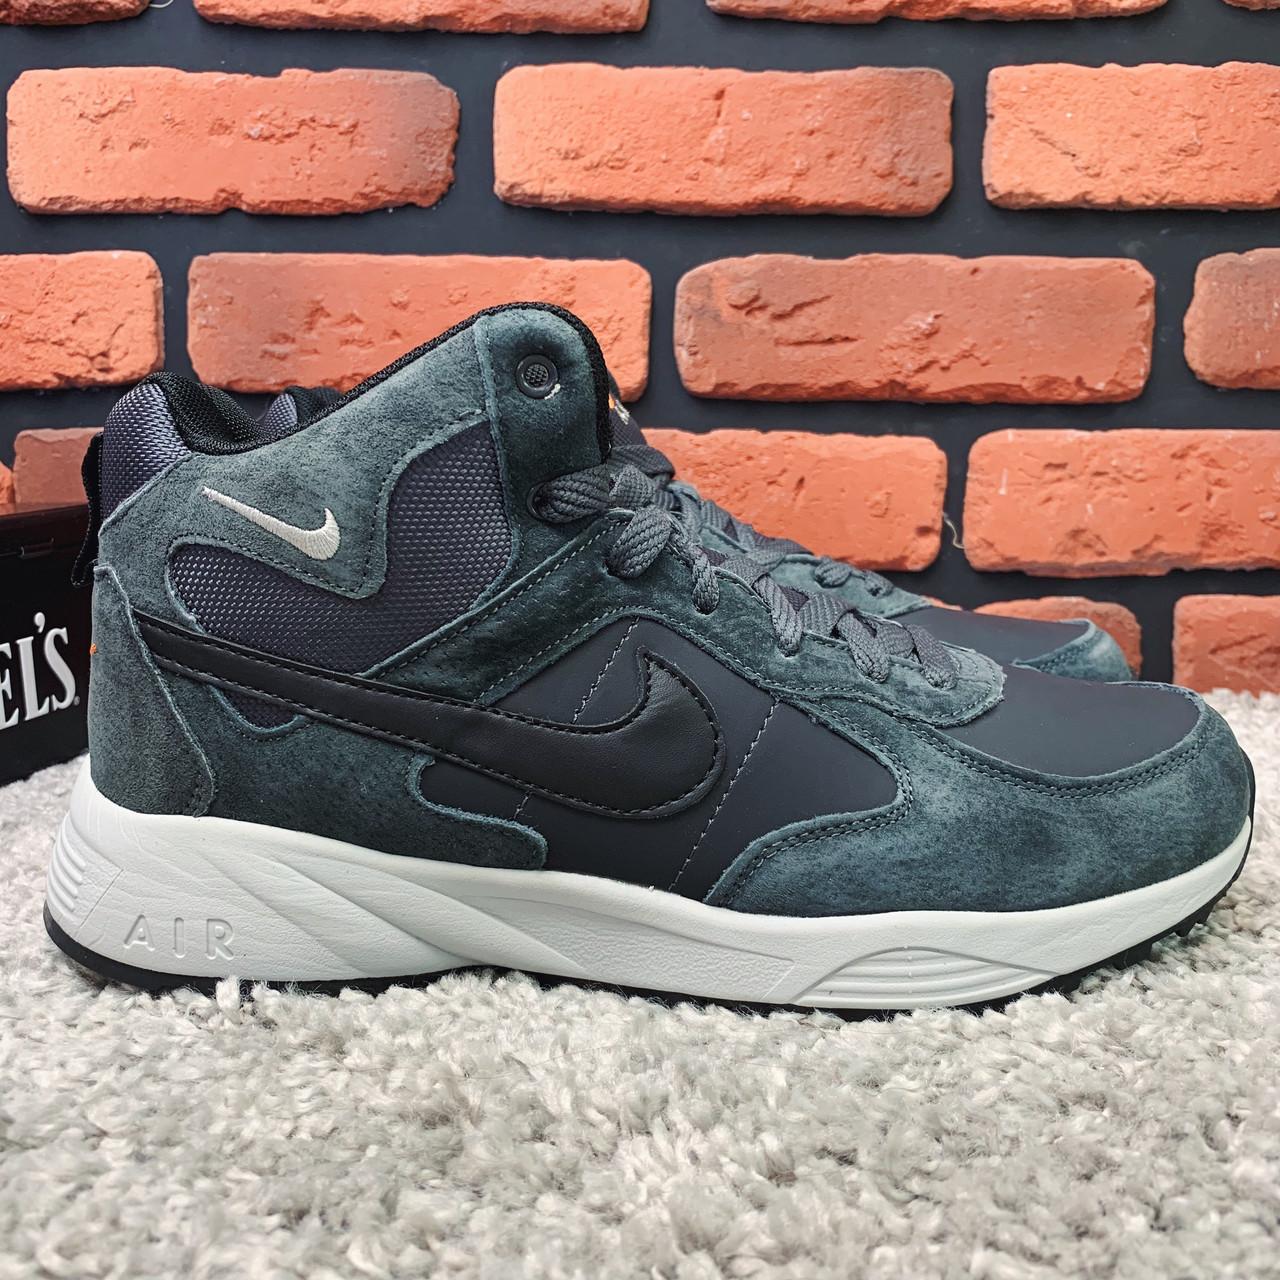 Зимние ботинки (НА МЕХУ) мужские Nike  Air Max  1-119 ⏩ [ 42,43,45,46 ]